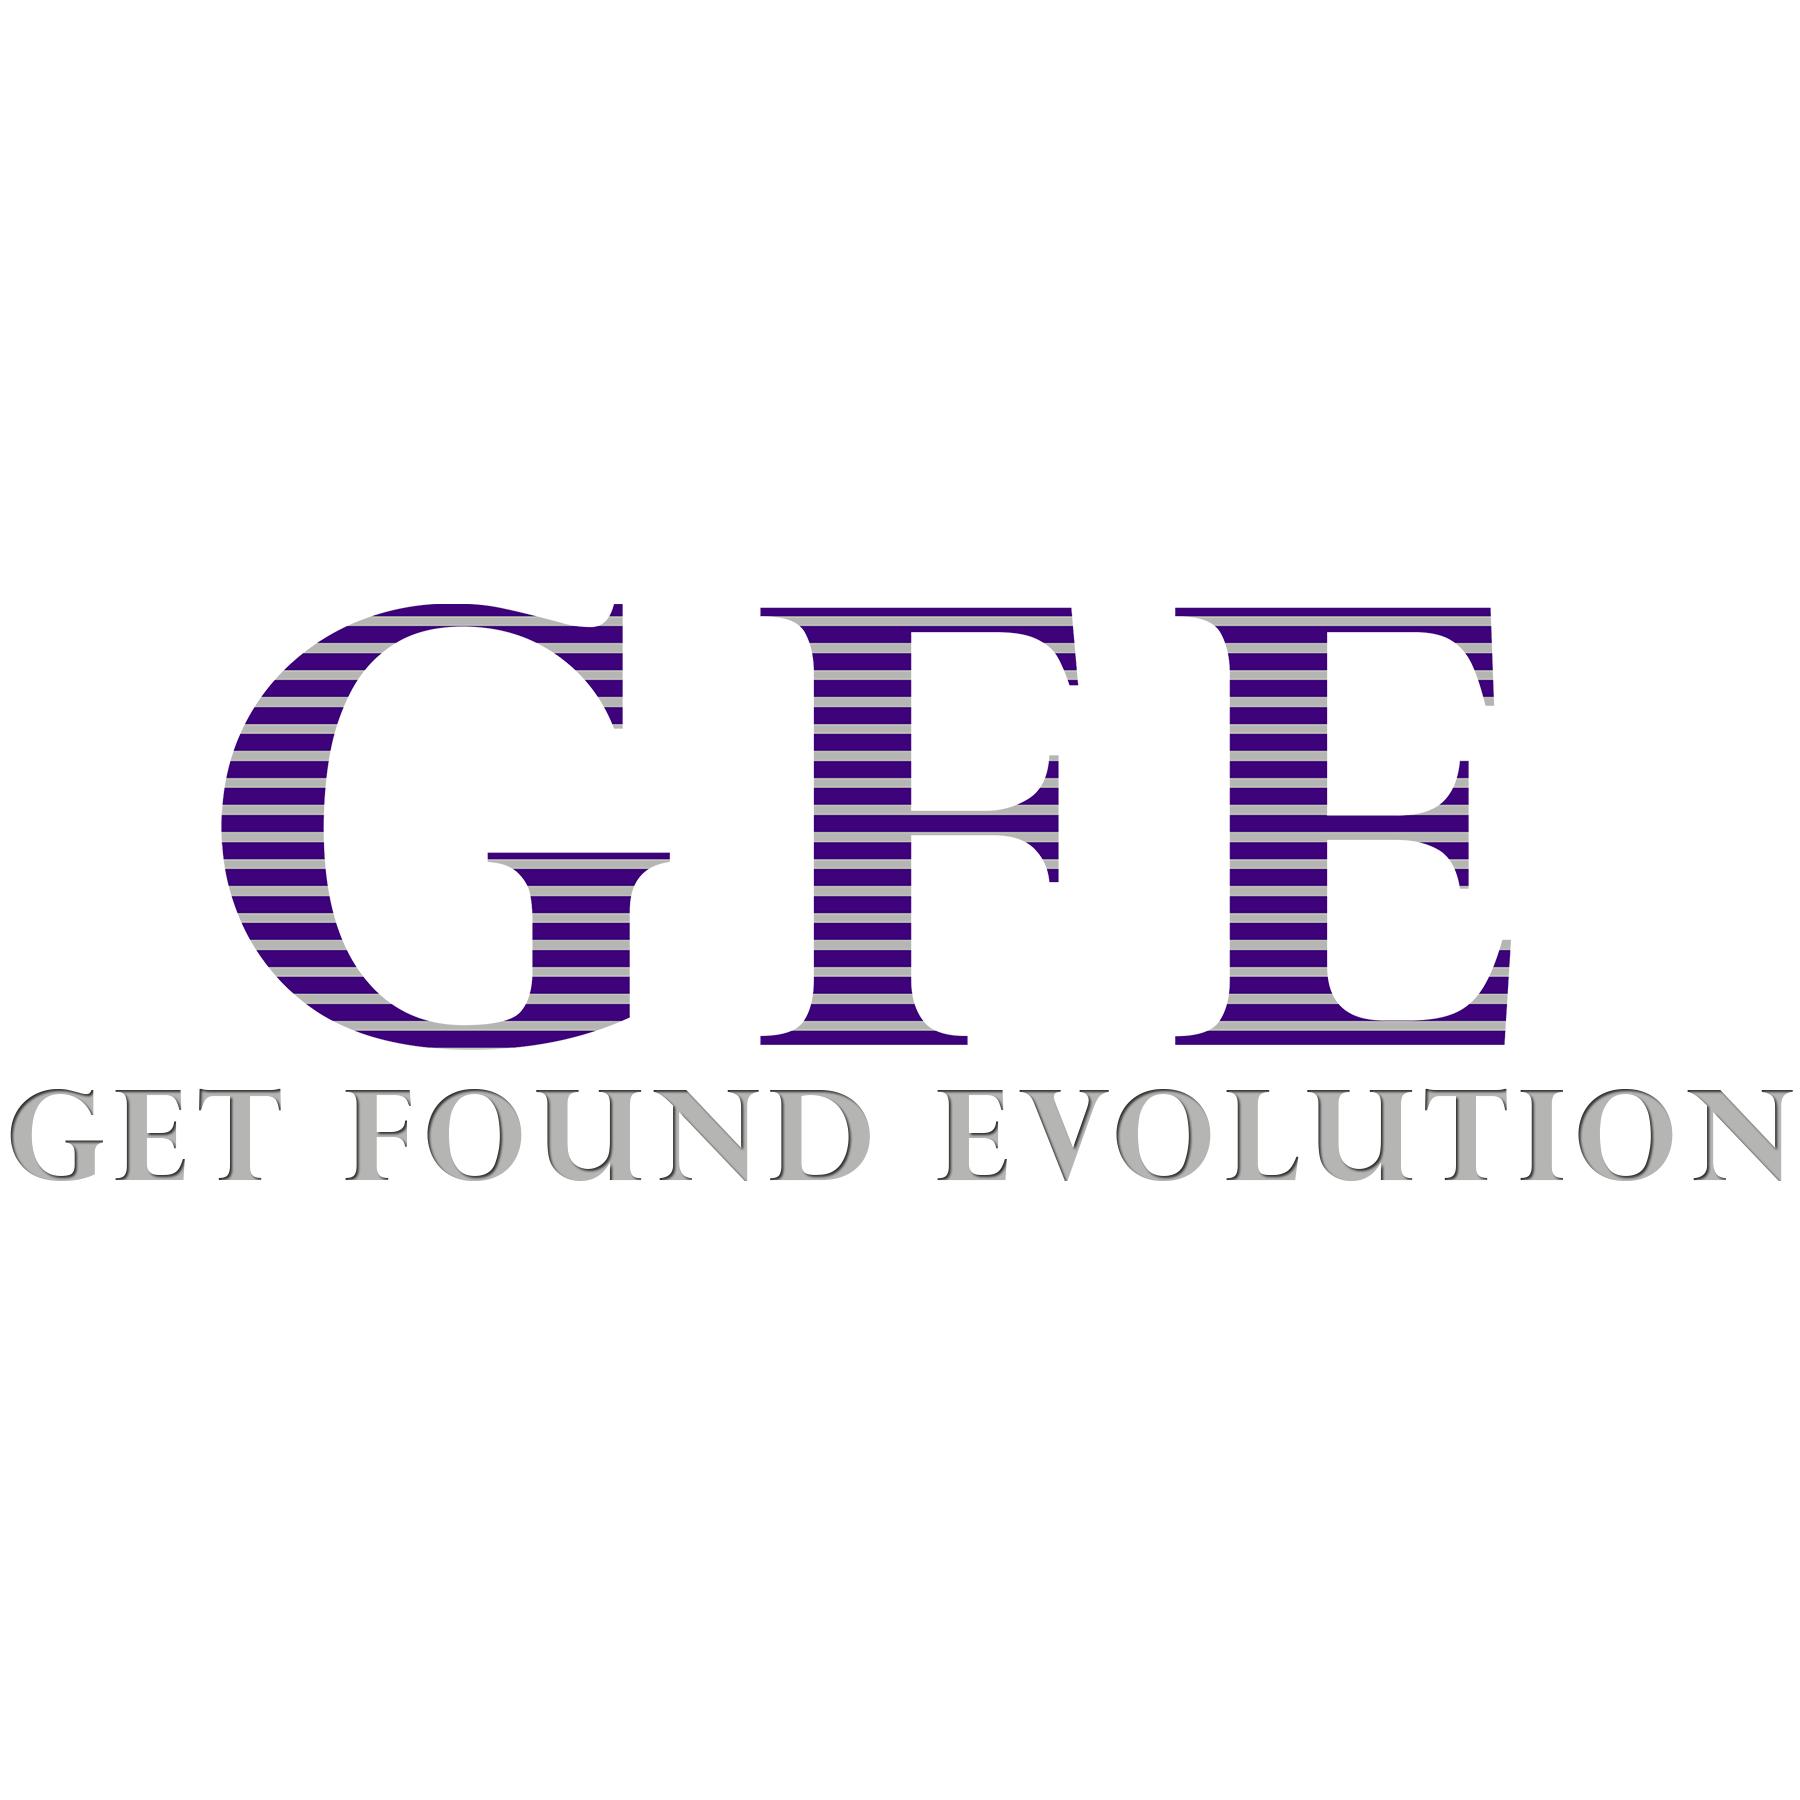 Get Found Evolution